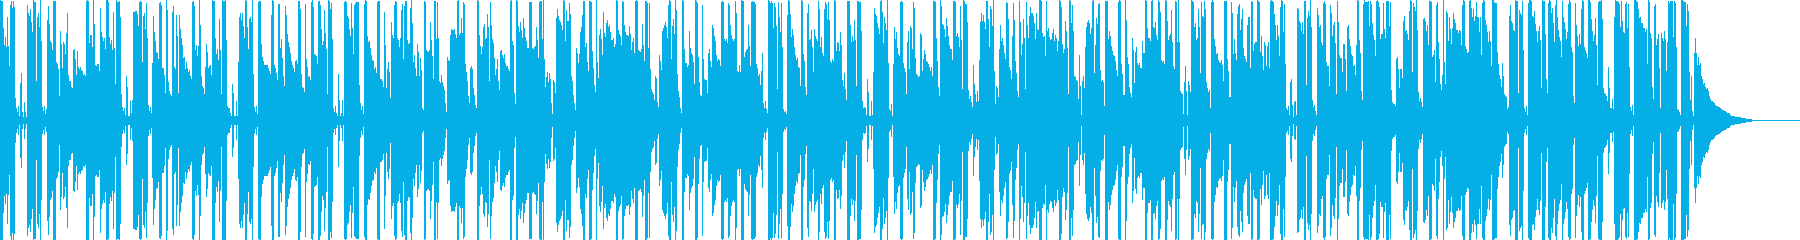 ピアノ+アコギのポジティブなBGMの再生済みの波形